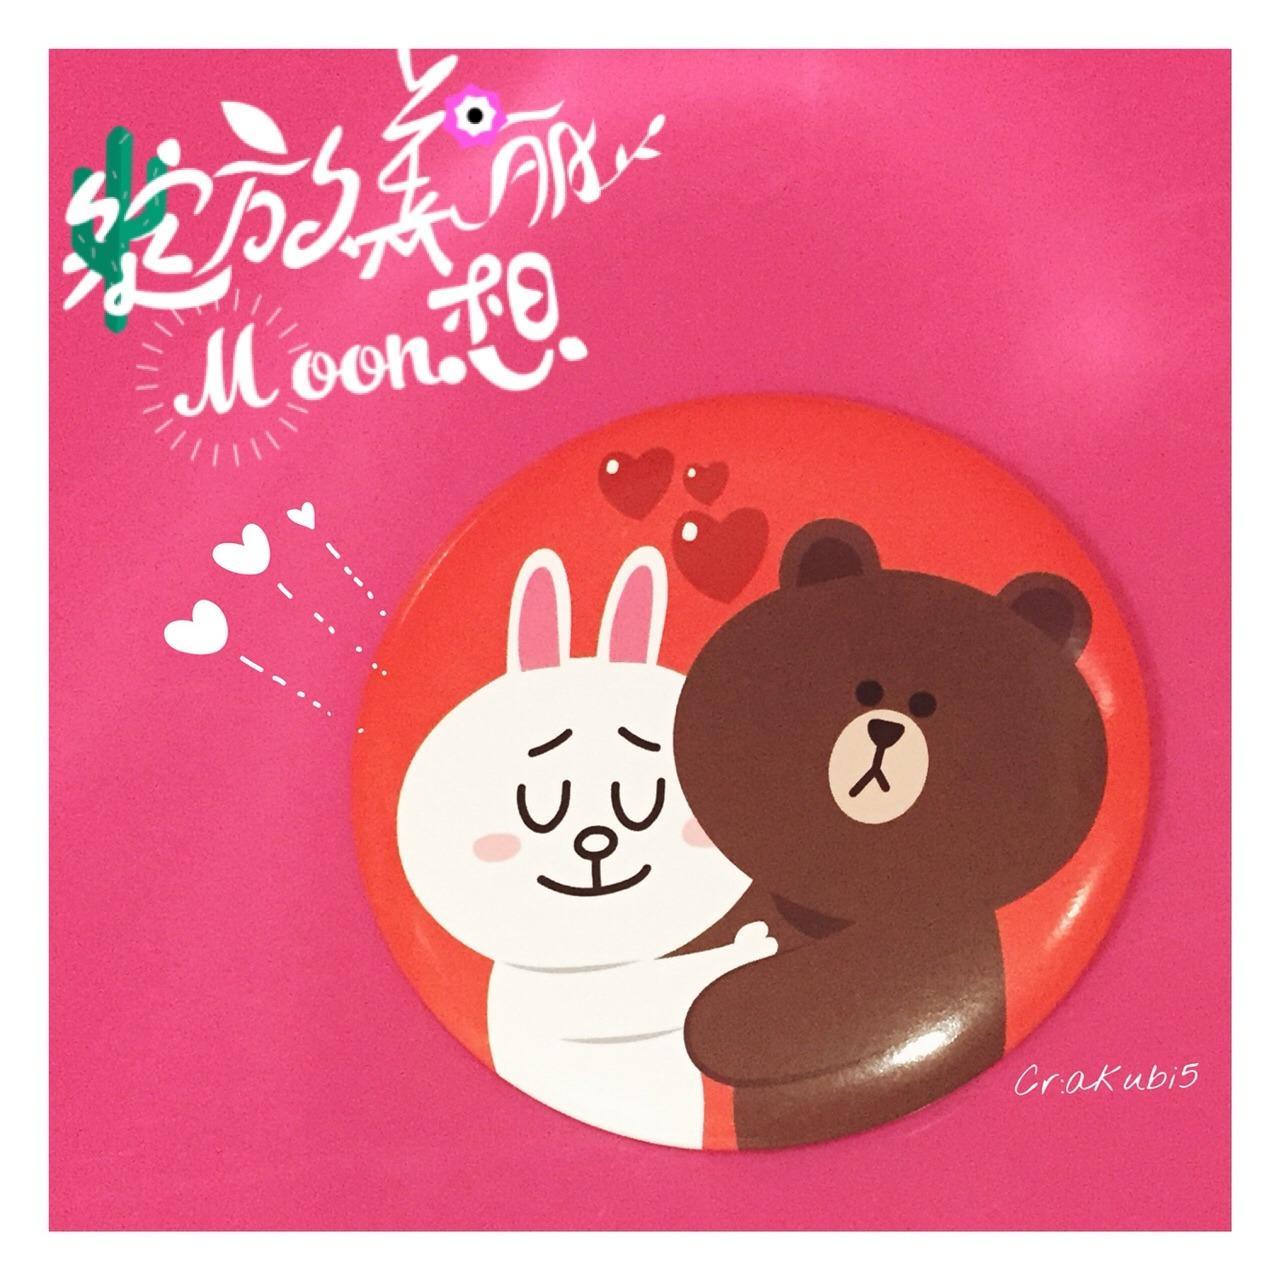 超可爱的可妮兔&布朗熊小镜子